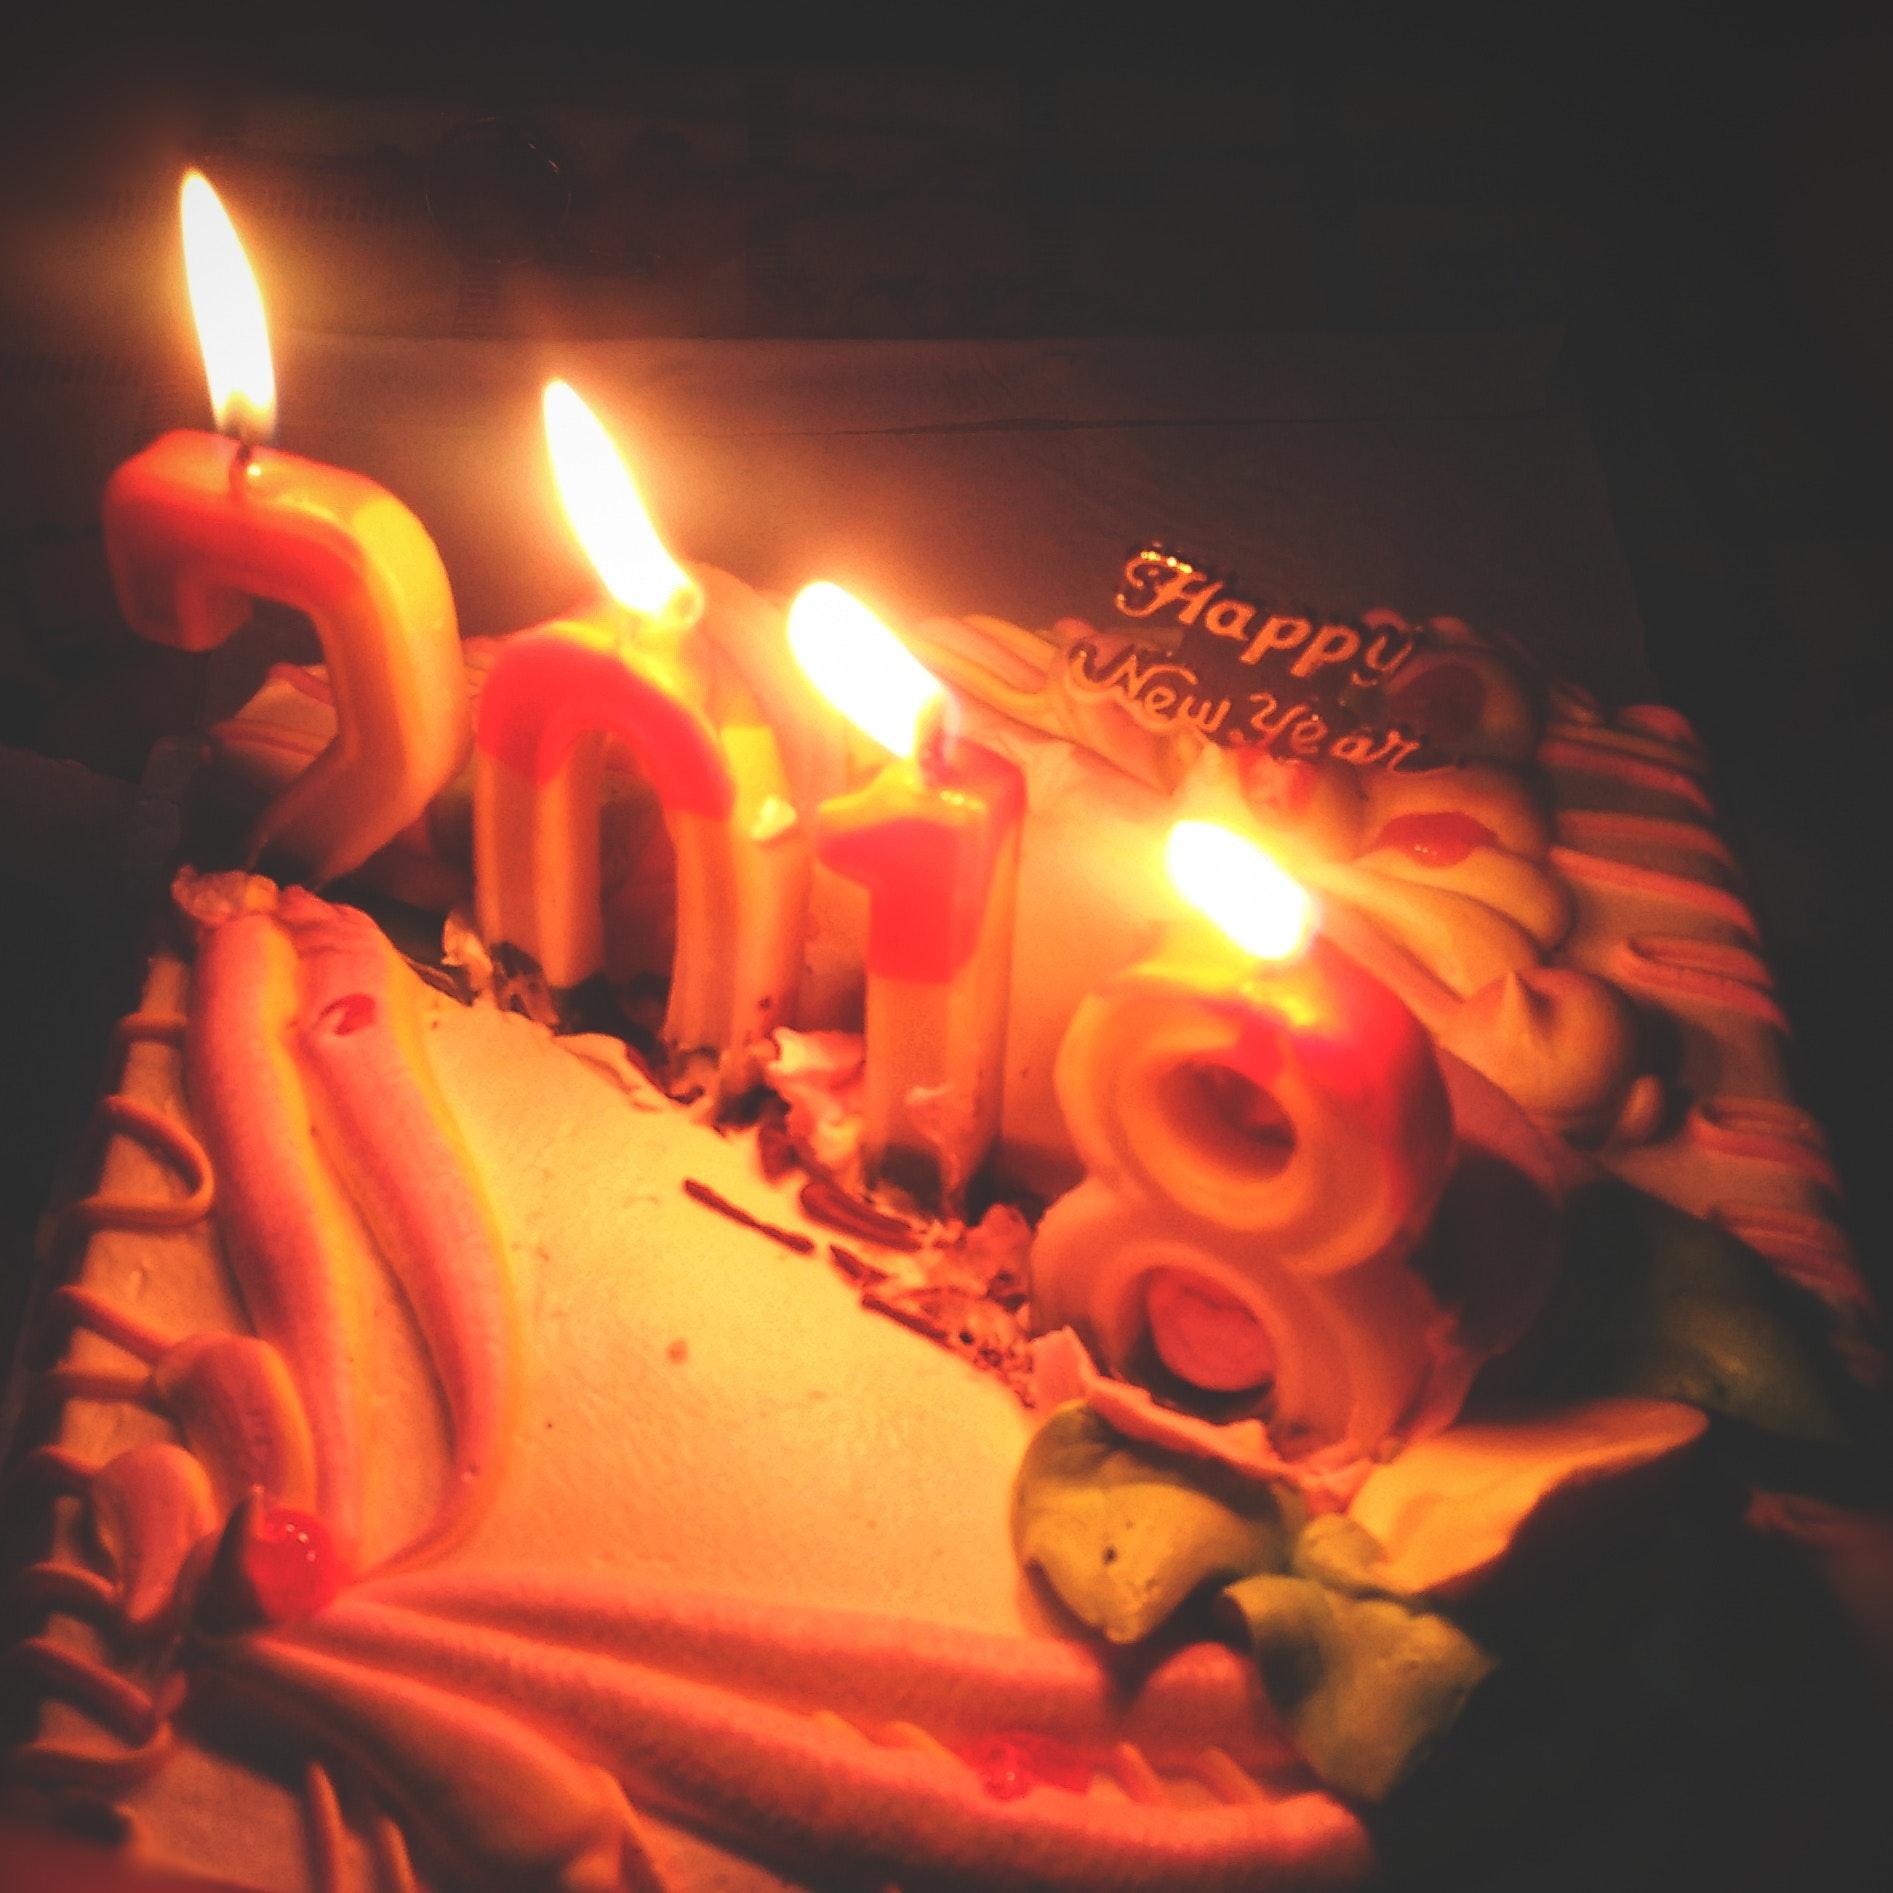 Free Stock Photo Of Birthday Cake Cake Candlelight